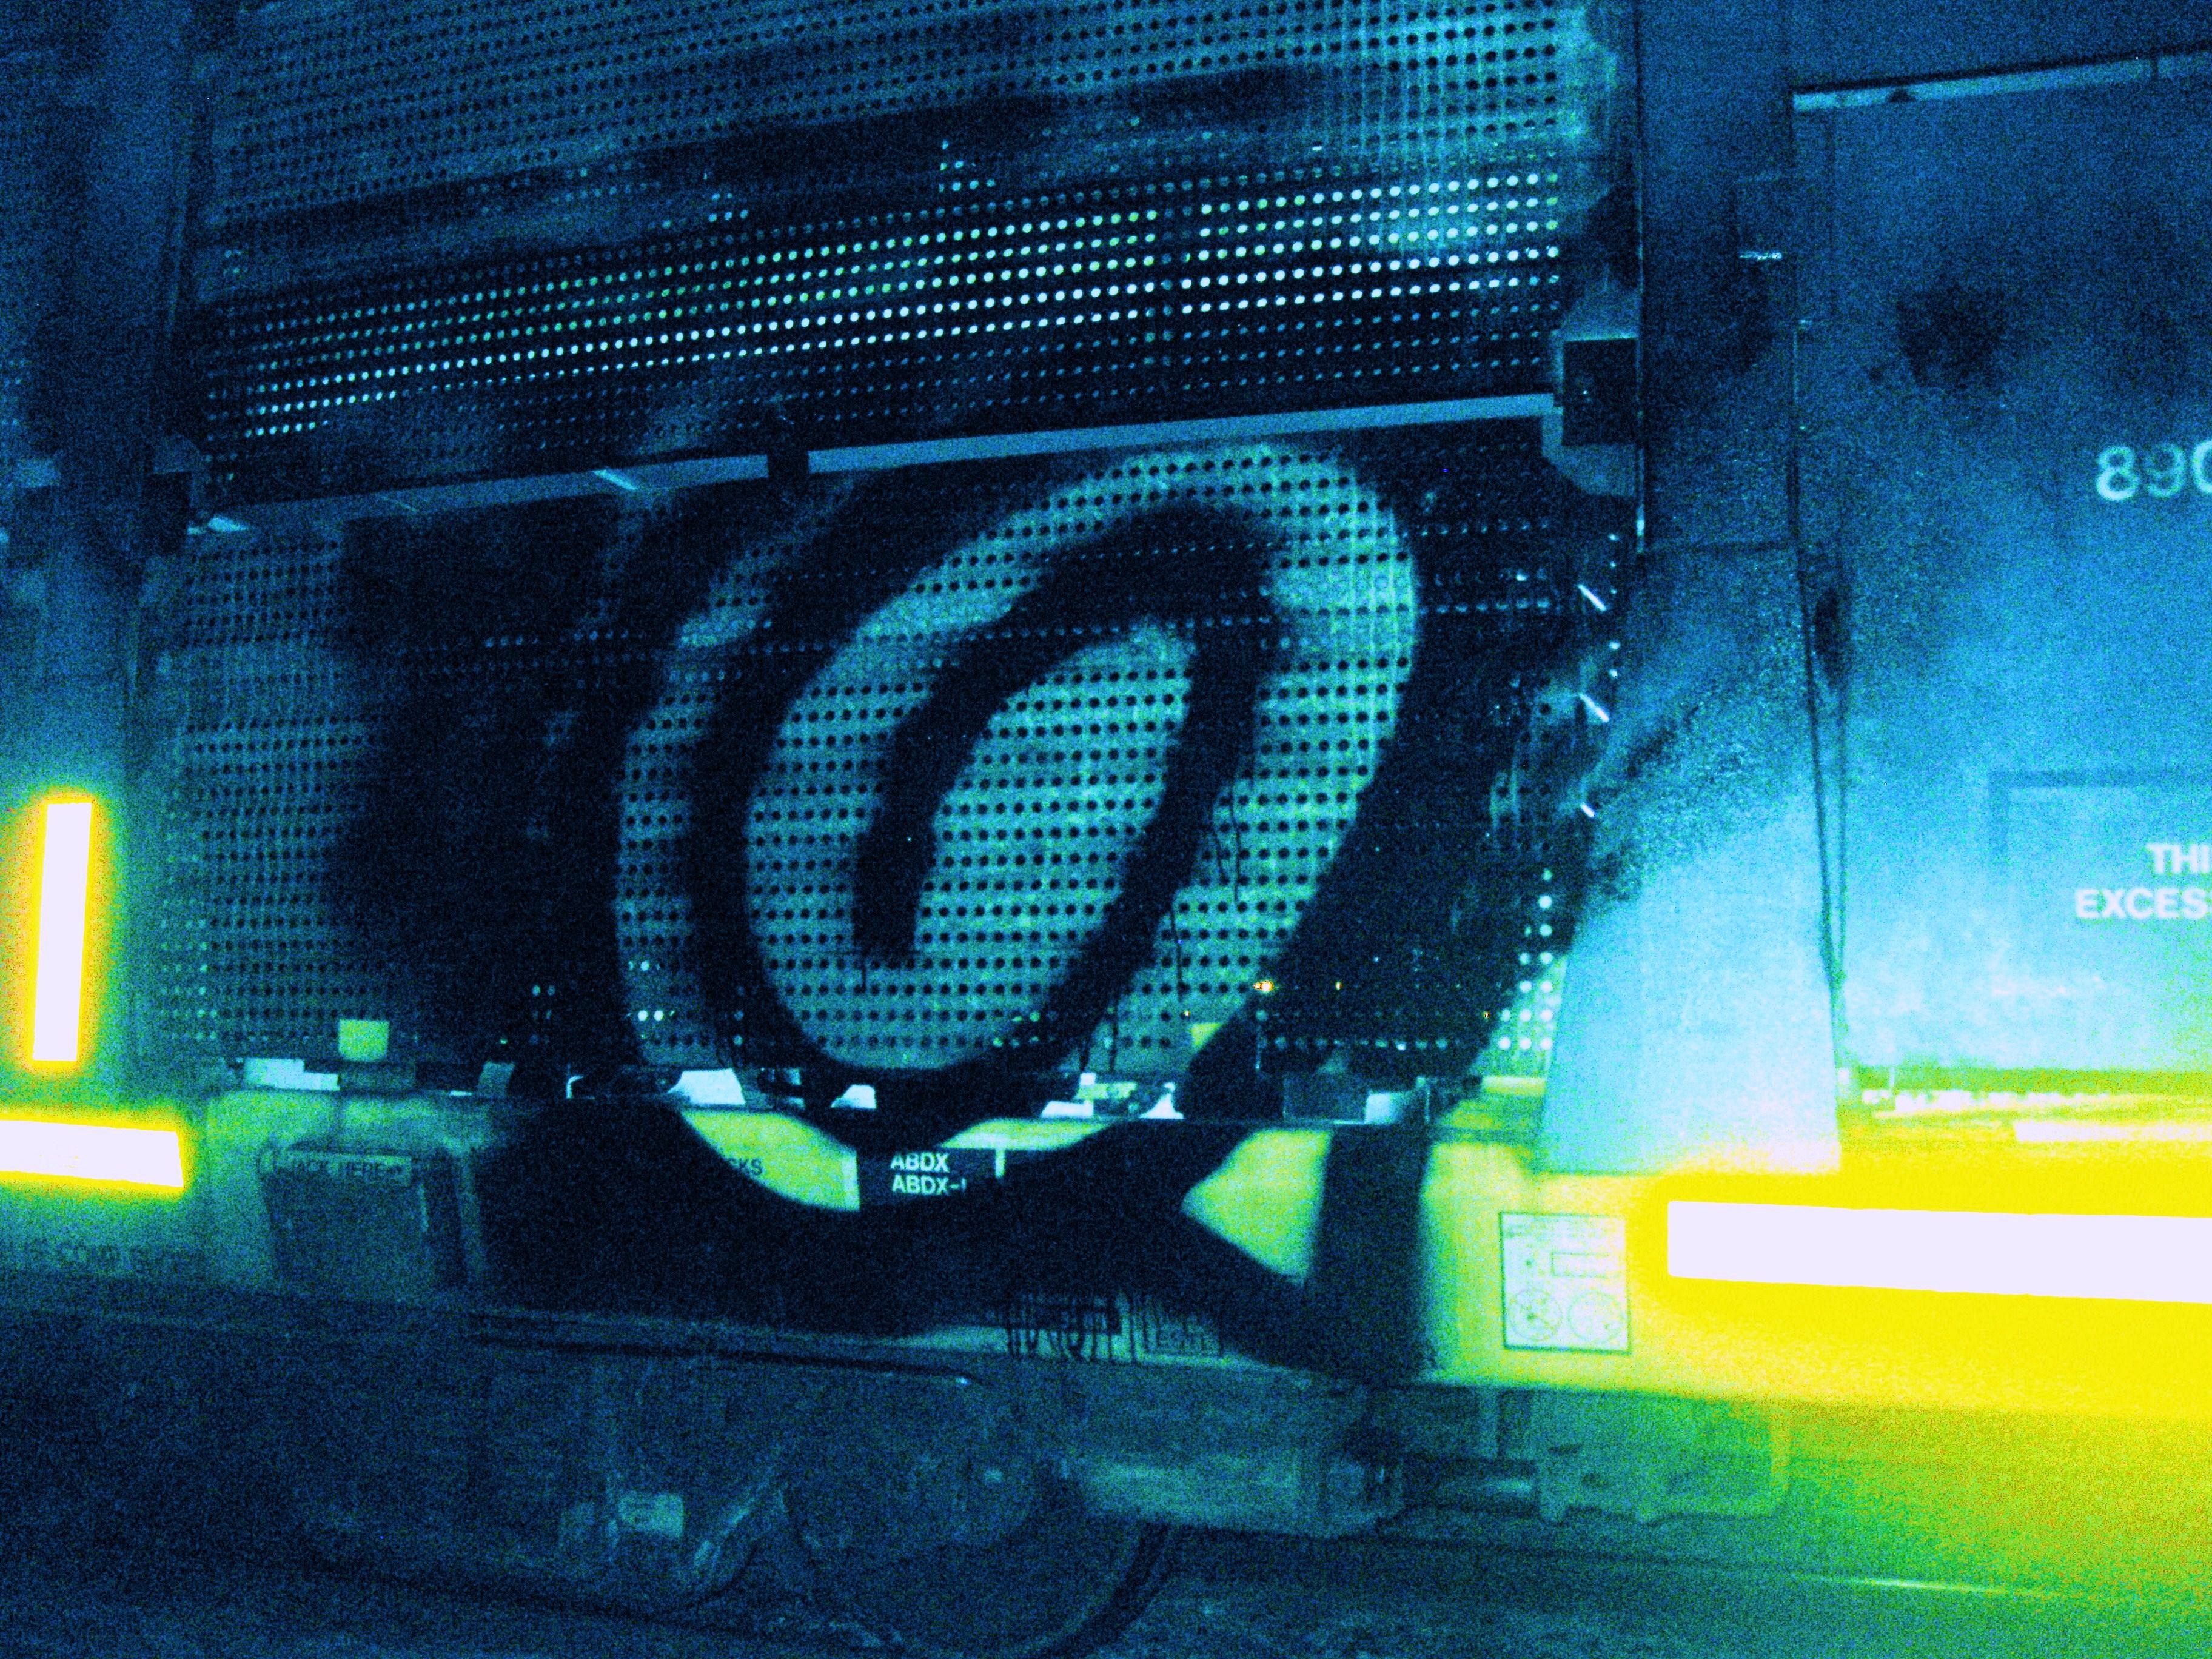 afarm4.staticflickr.com_3821_9481984485_7246e3b9a3_o.jpg